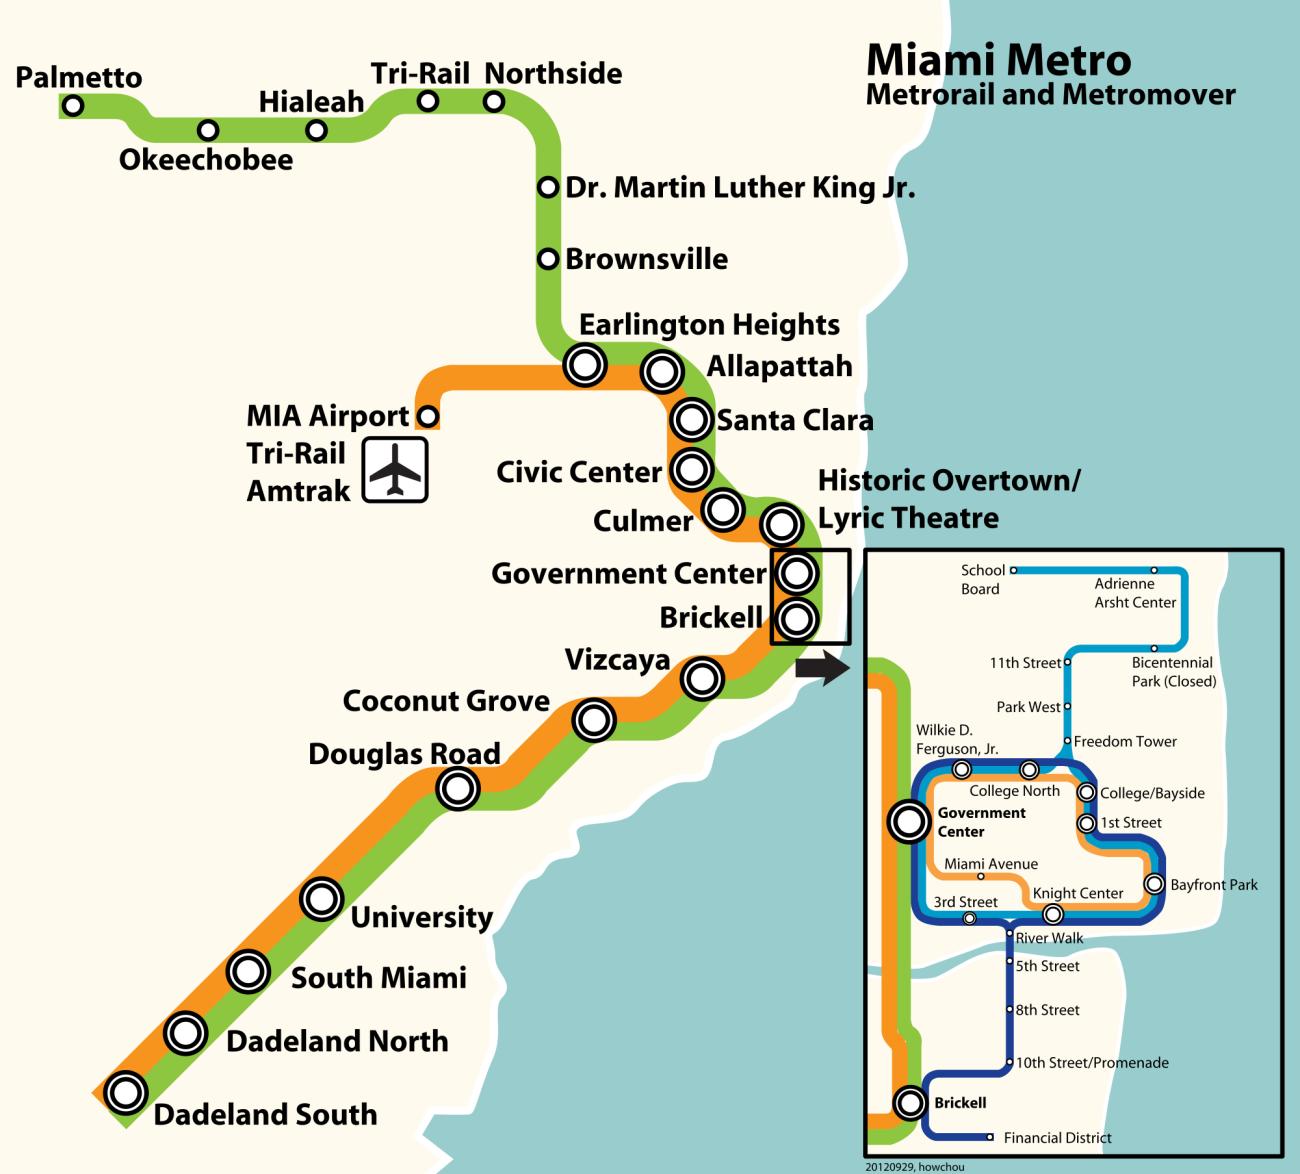 2000px-Miami_Metro.svg